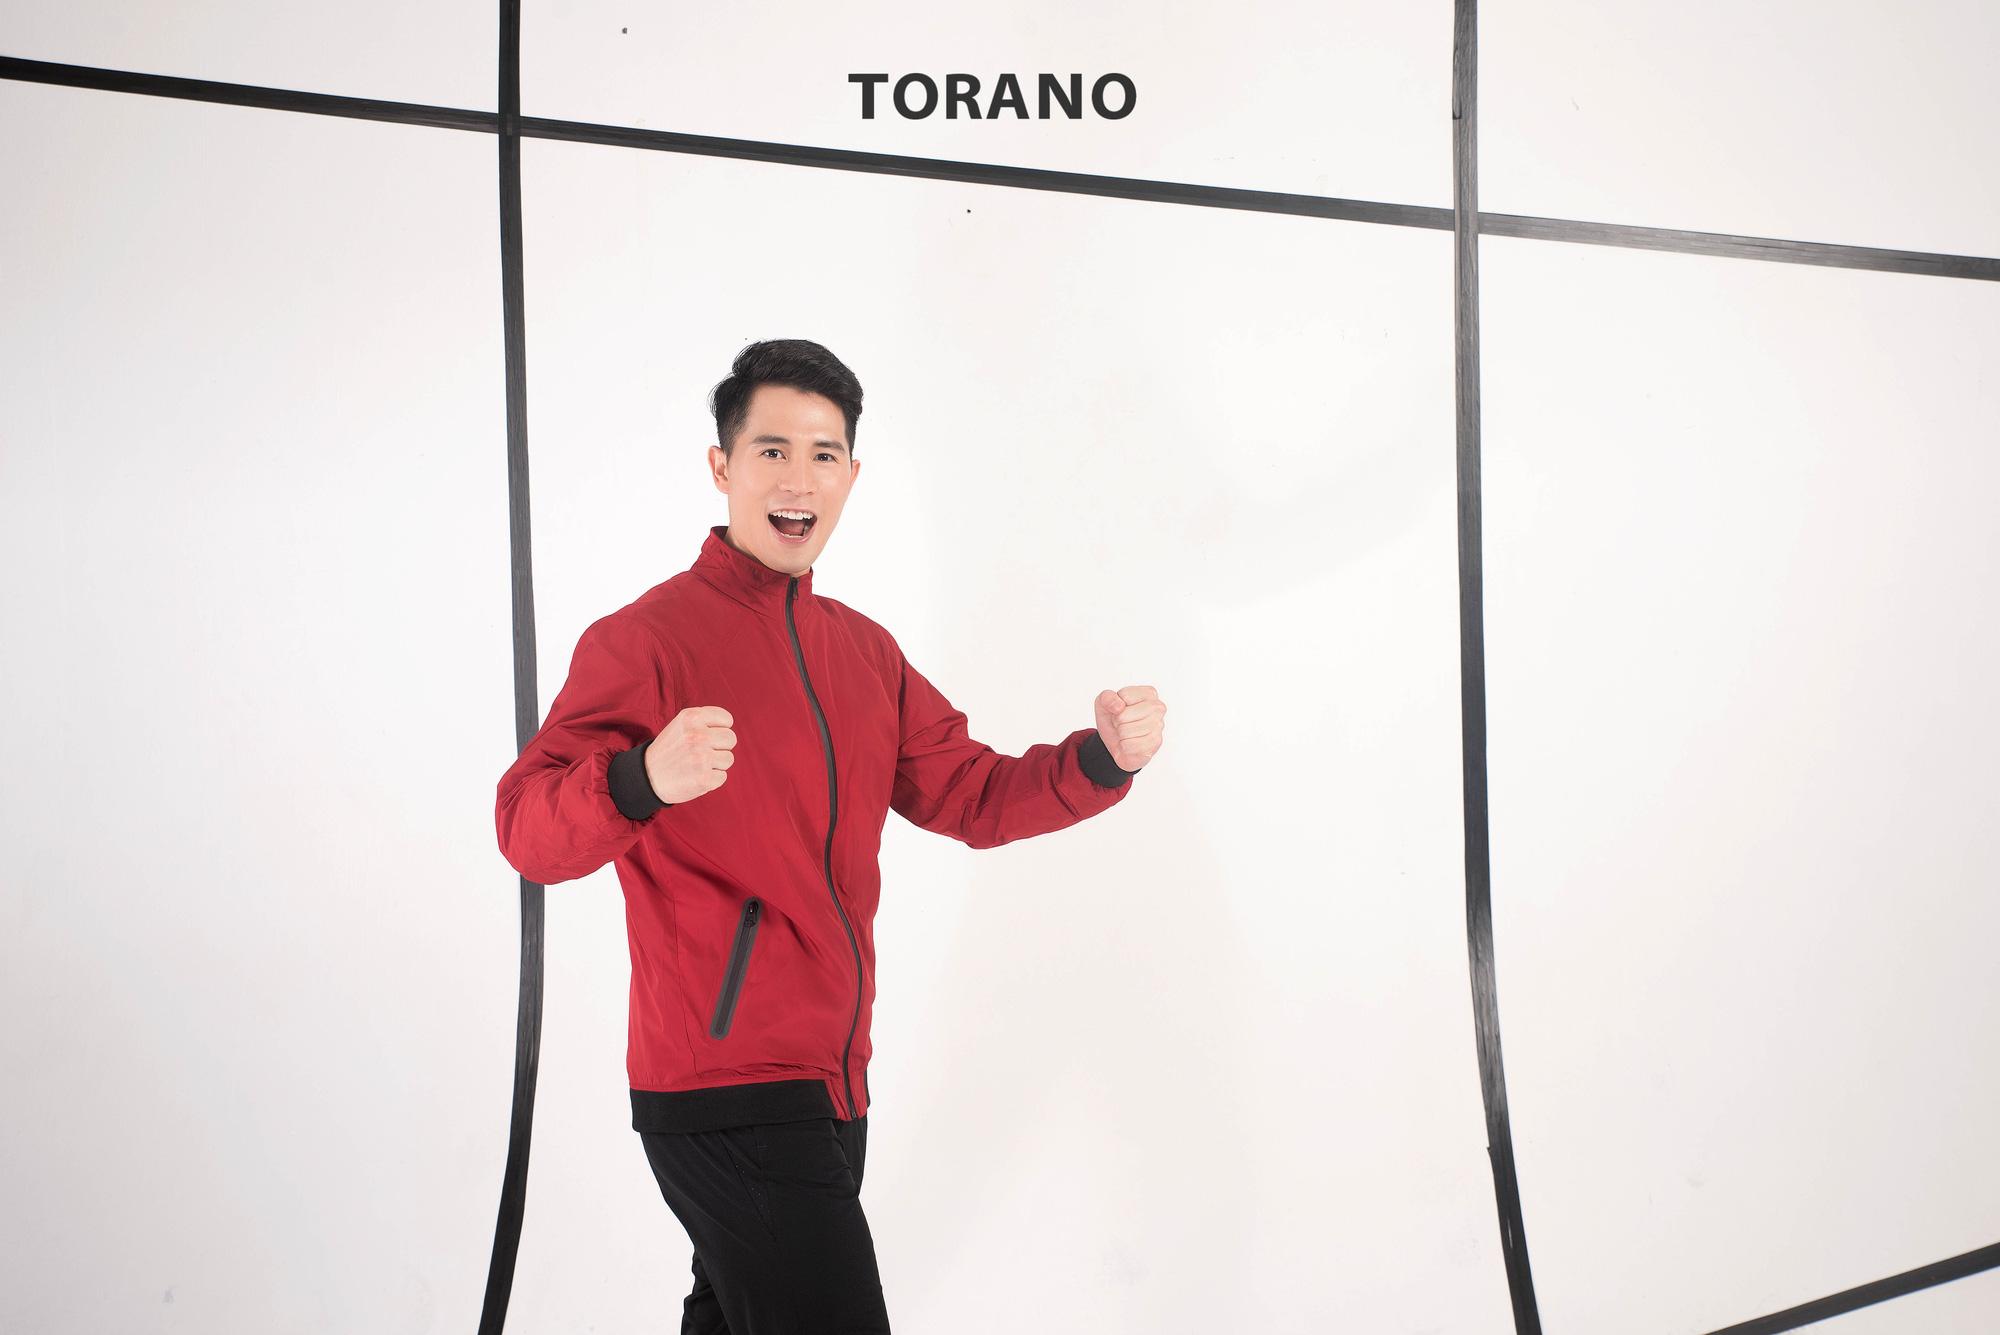 Đình Trọng bất ngờ khoe vẻ điển trai trong bộ sưu tập mới của Torano - Ảnh 2.